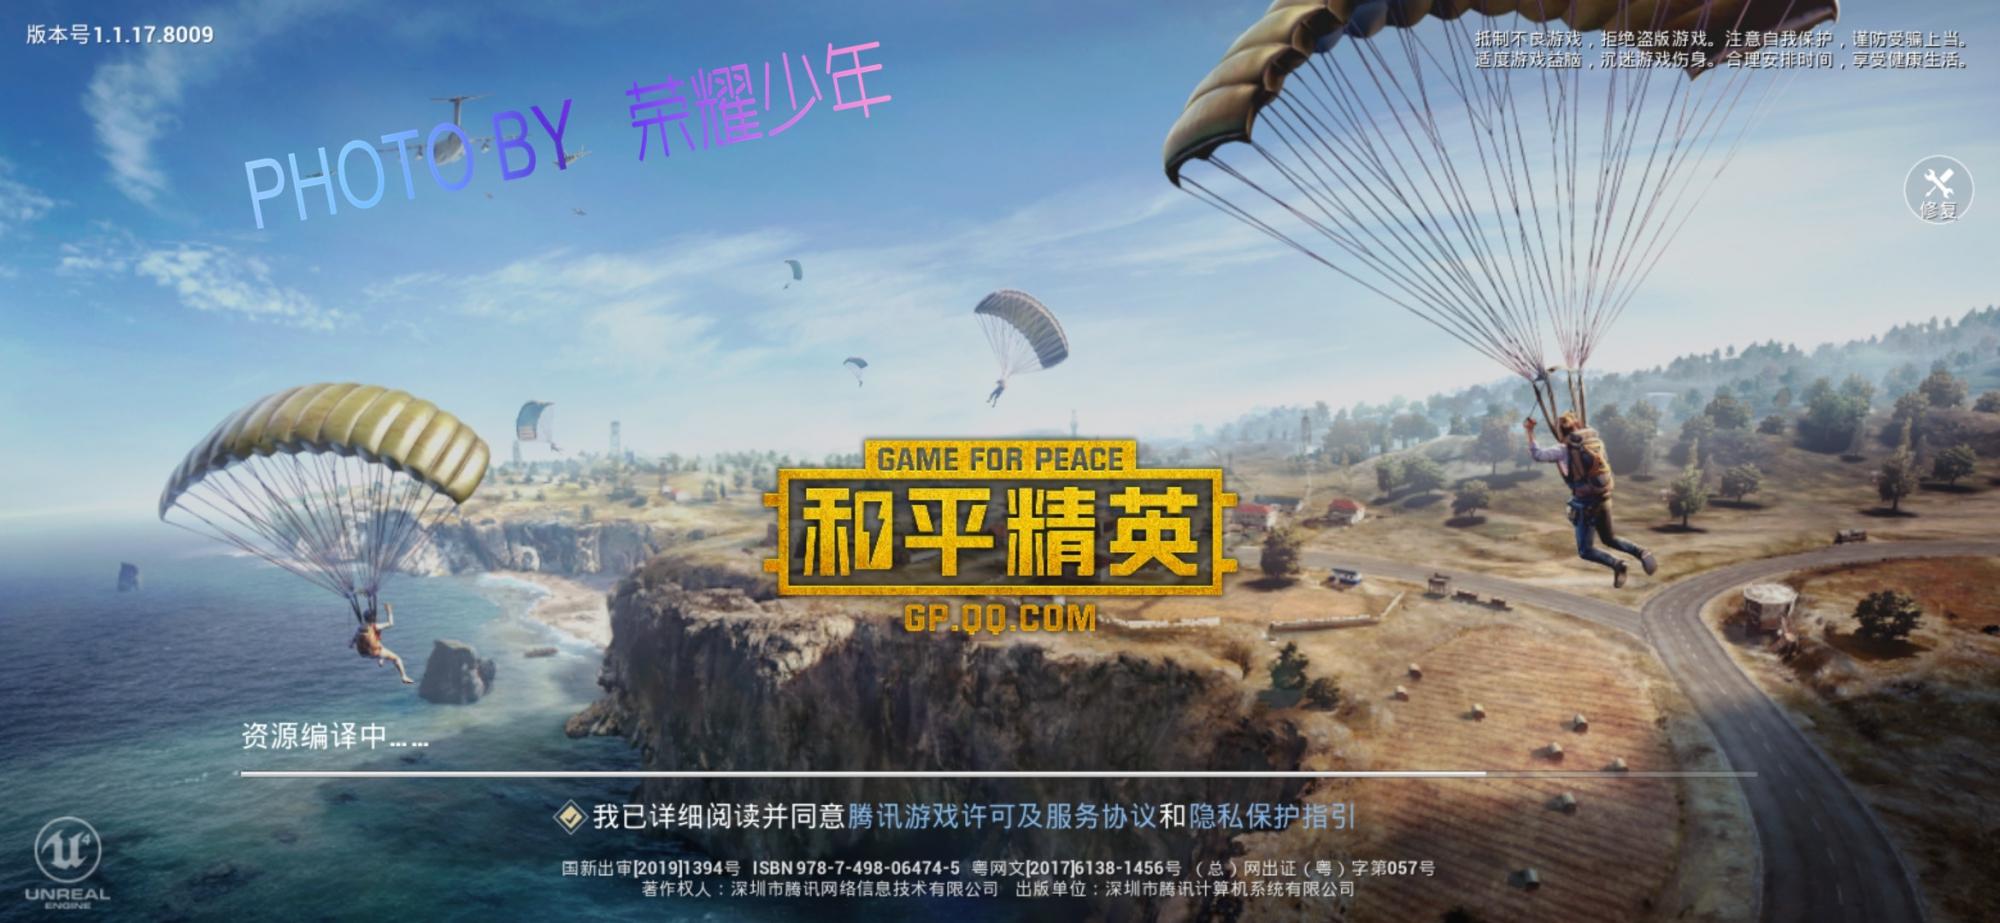 Screenshot_20190530_215754_com.tencent.tmgp.pubgm.jpg